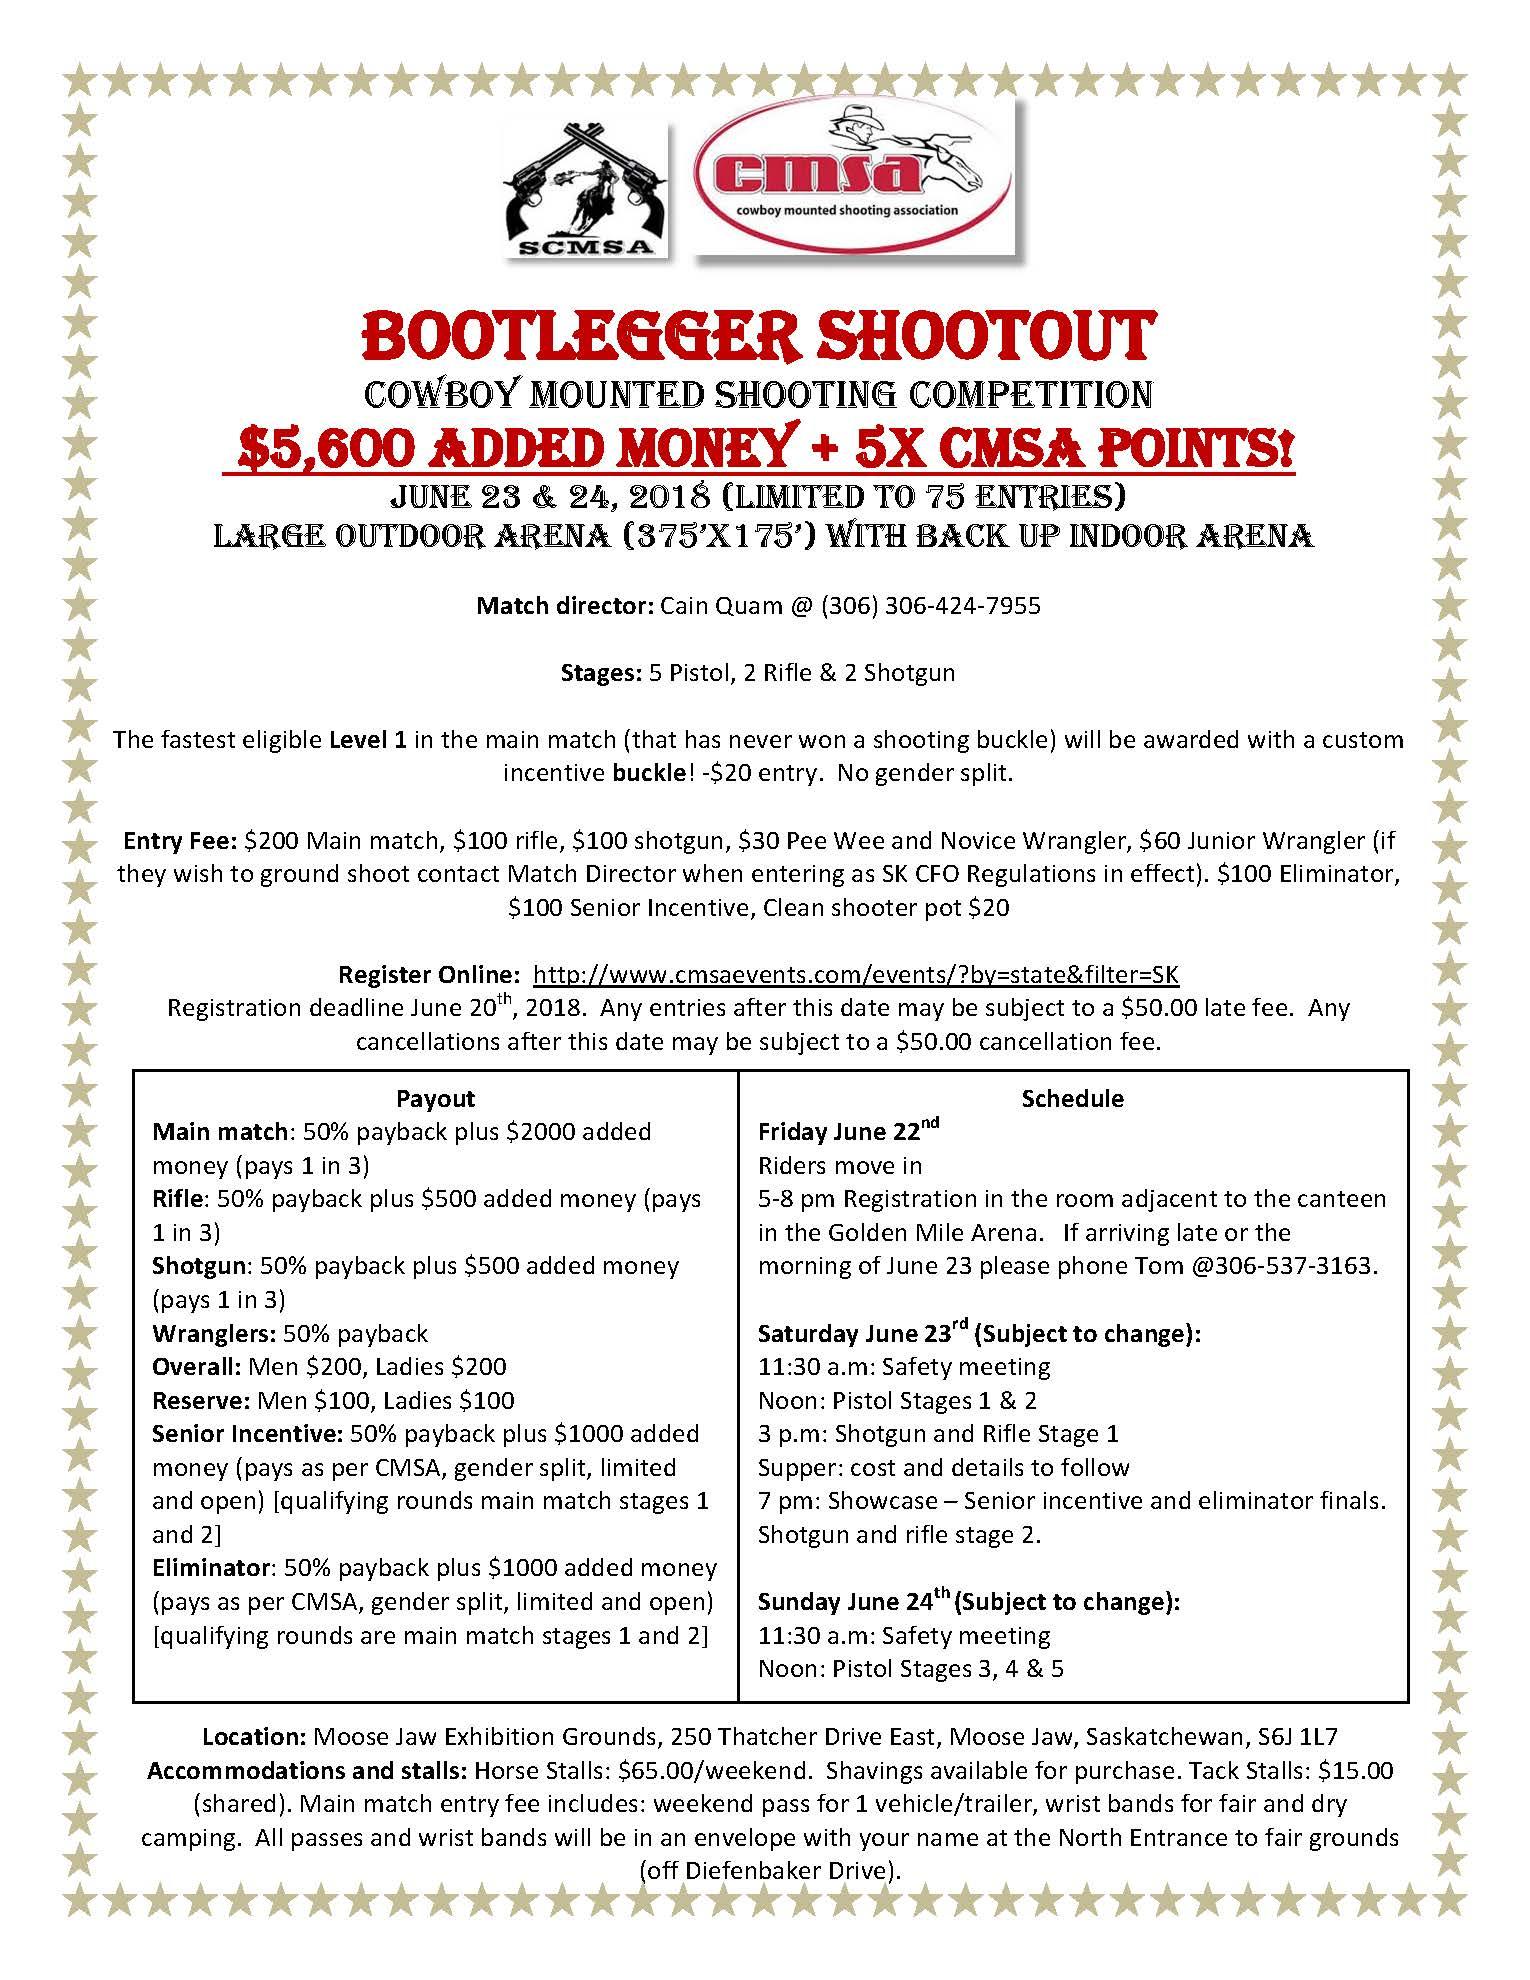 Bootlegger Shootout